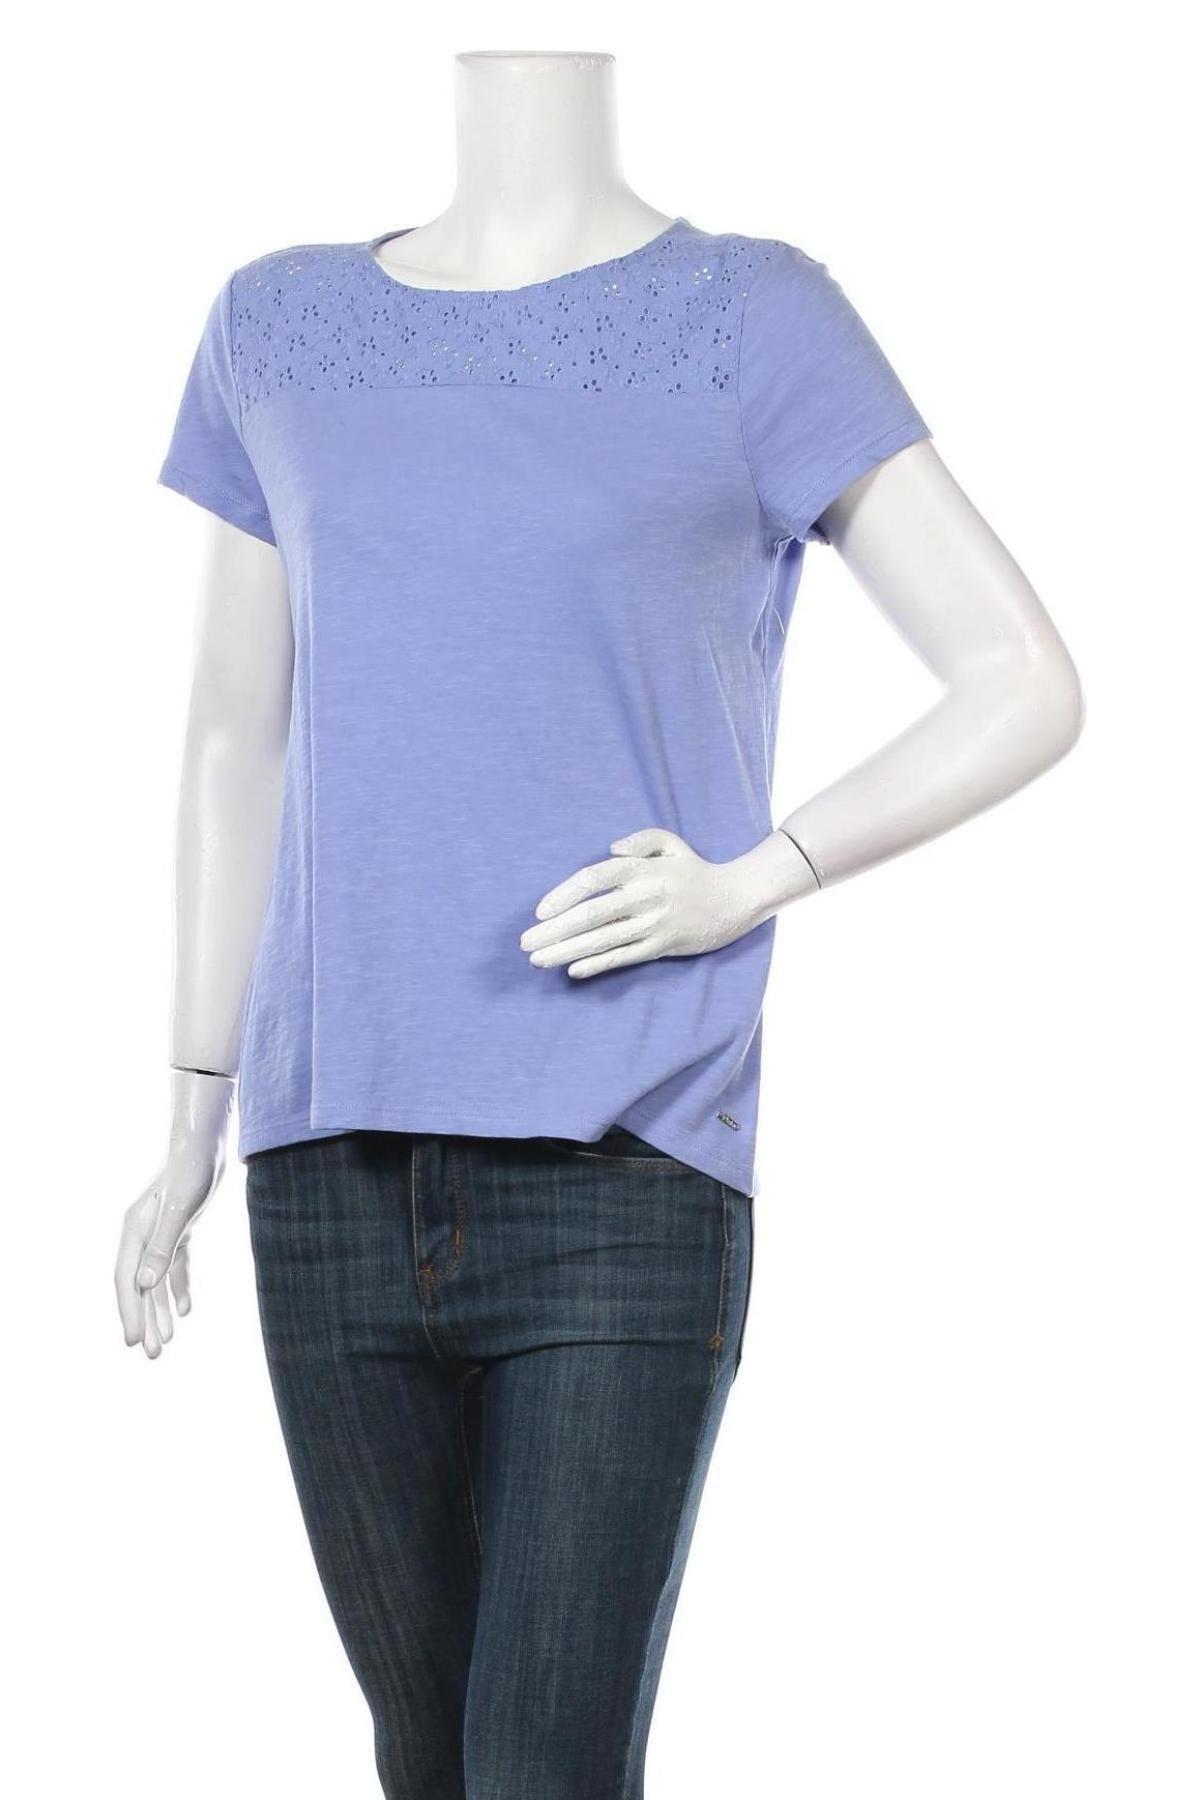 Γυναικεία μπλούζα Tom Tailor, Μέγεθος M, Χρώμα Βιολετί, Βαμβάκι, Τιμή 18,95€